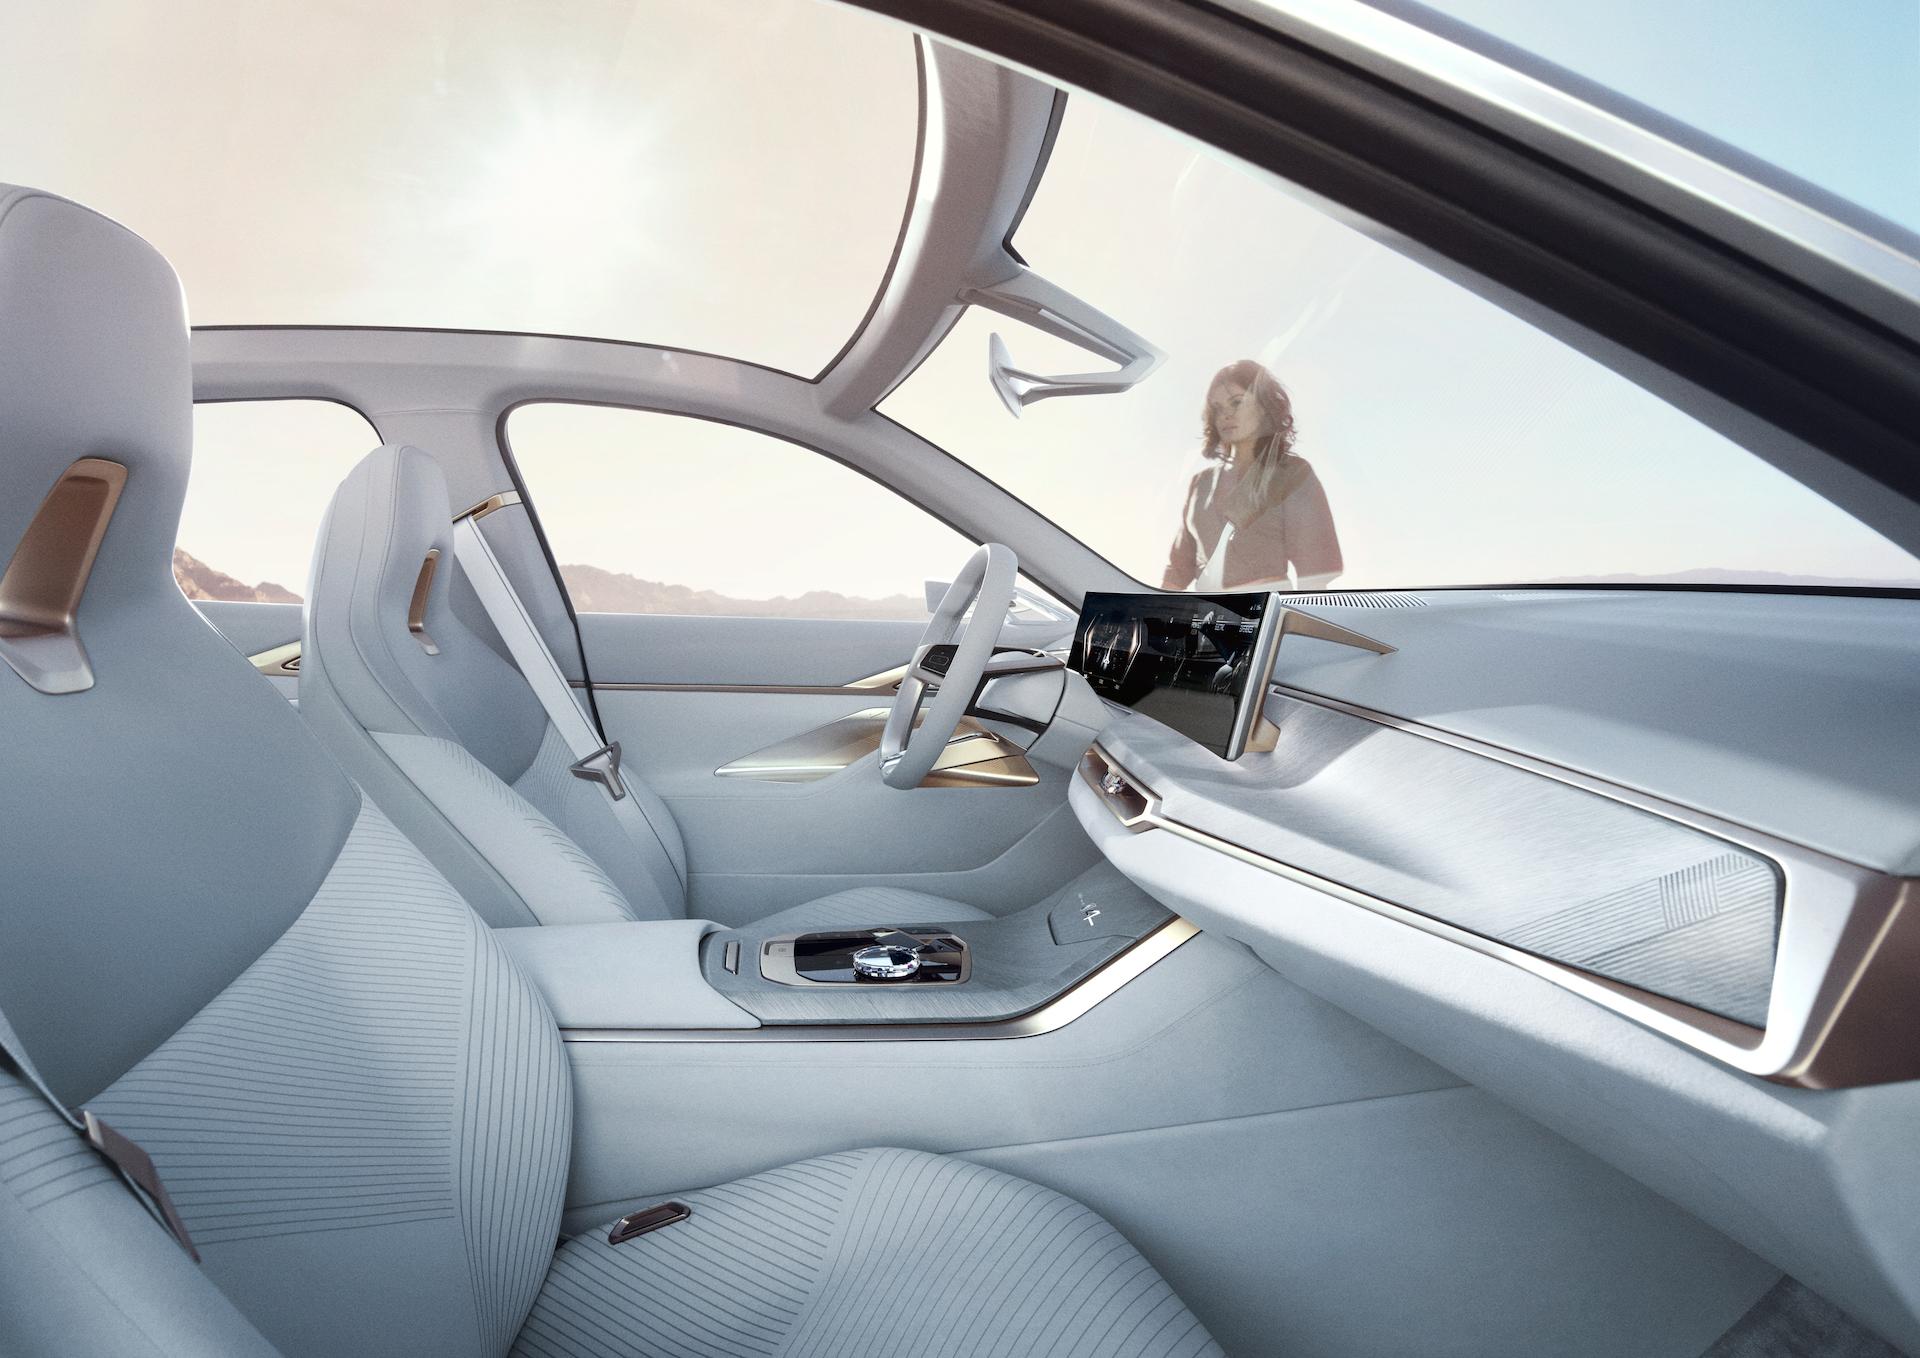 BMW stellt den neuen i4 vor: Ein Gran Coupé mit bis zu 530 PS und 600 km Reichweite 6